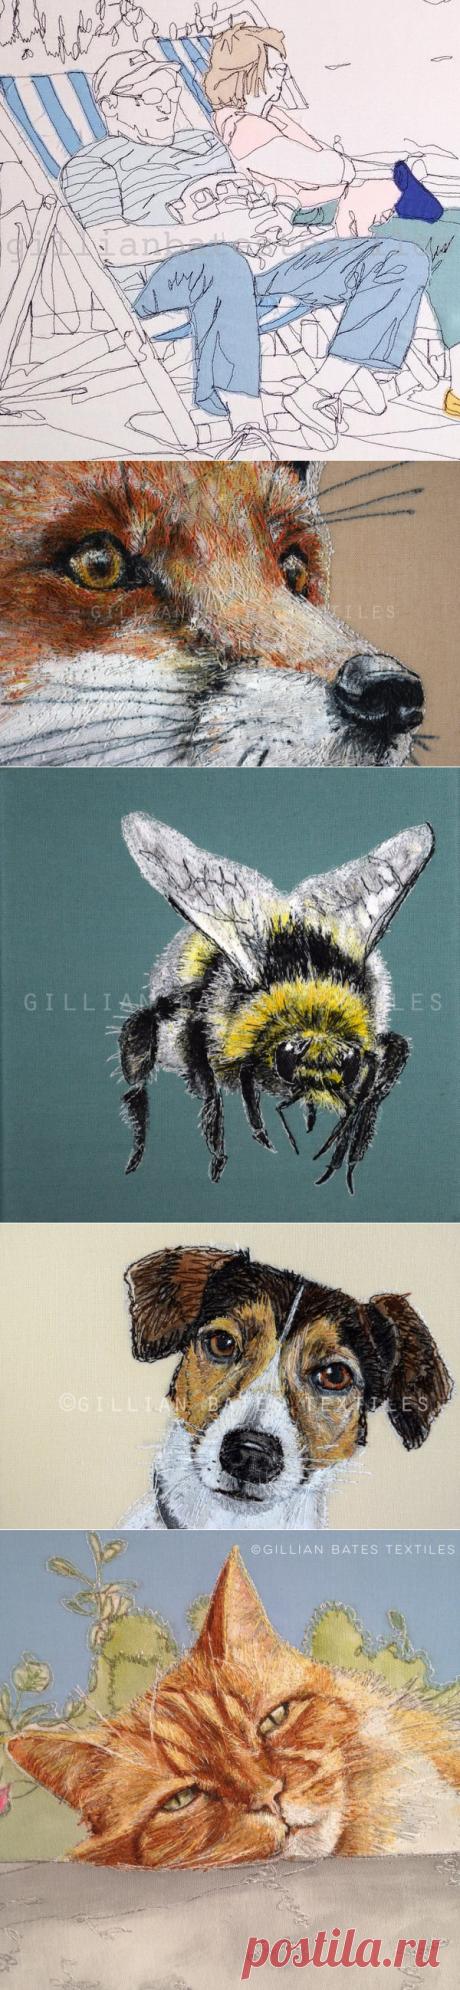 Вдохновлённая природой: текстильный художник Gillian Bates